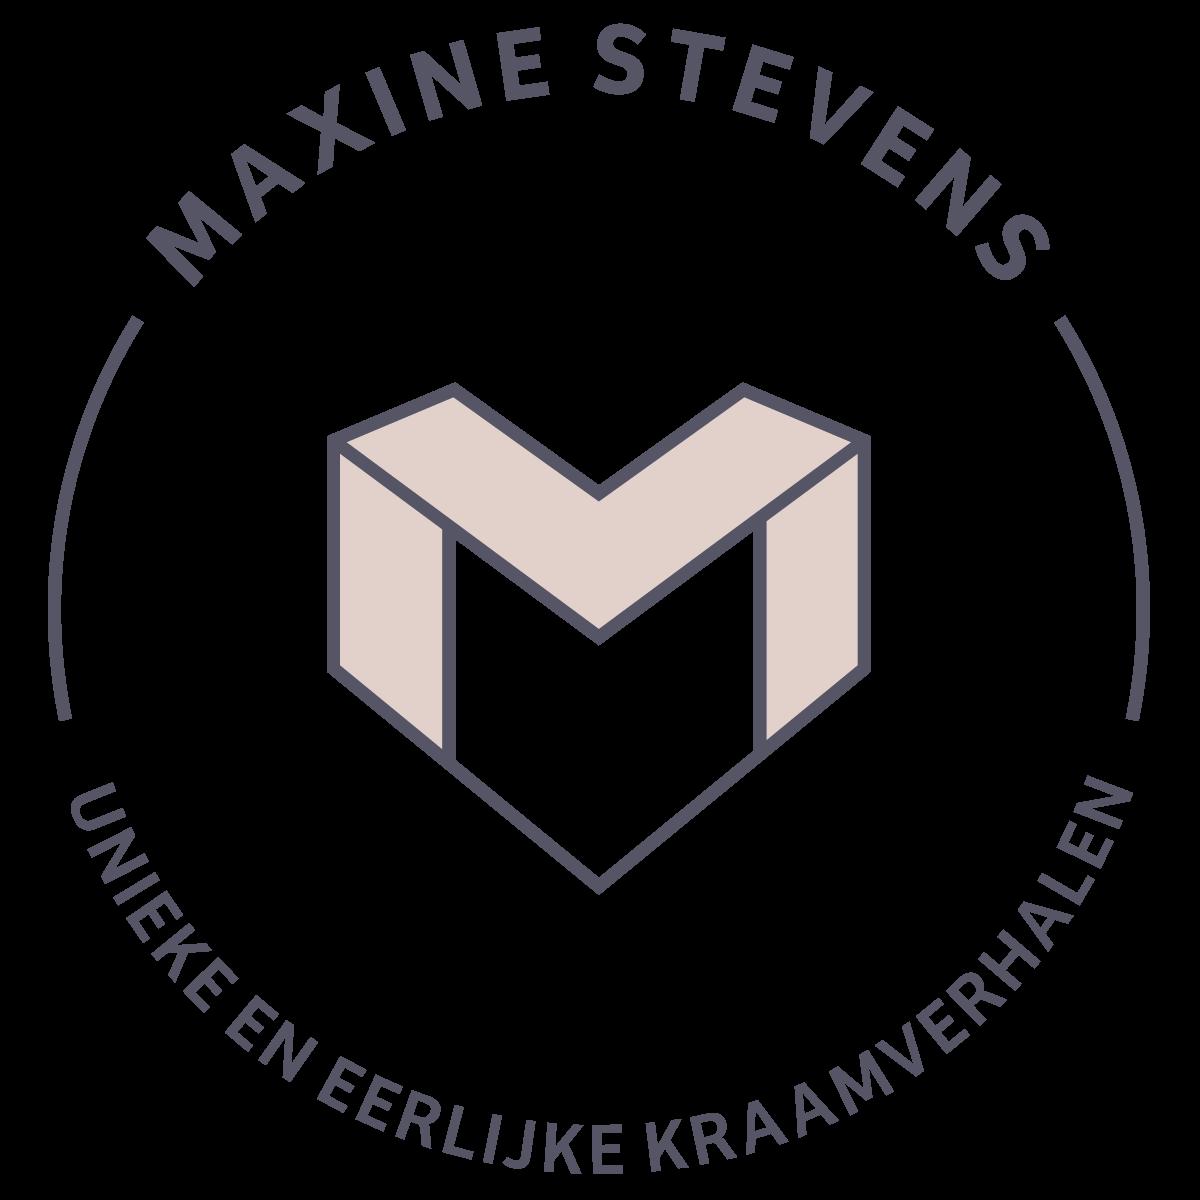 Logo MS black.png